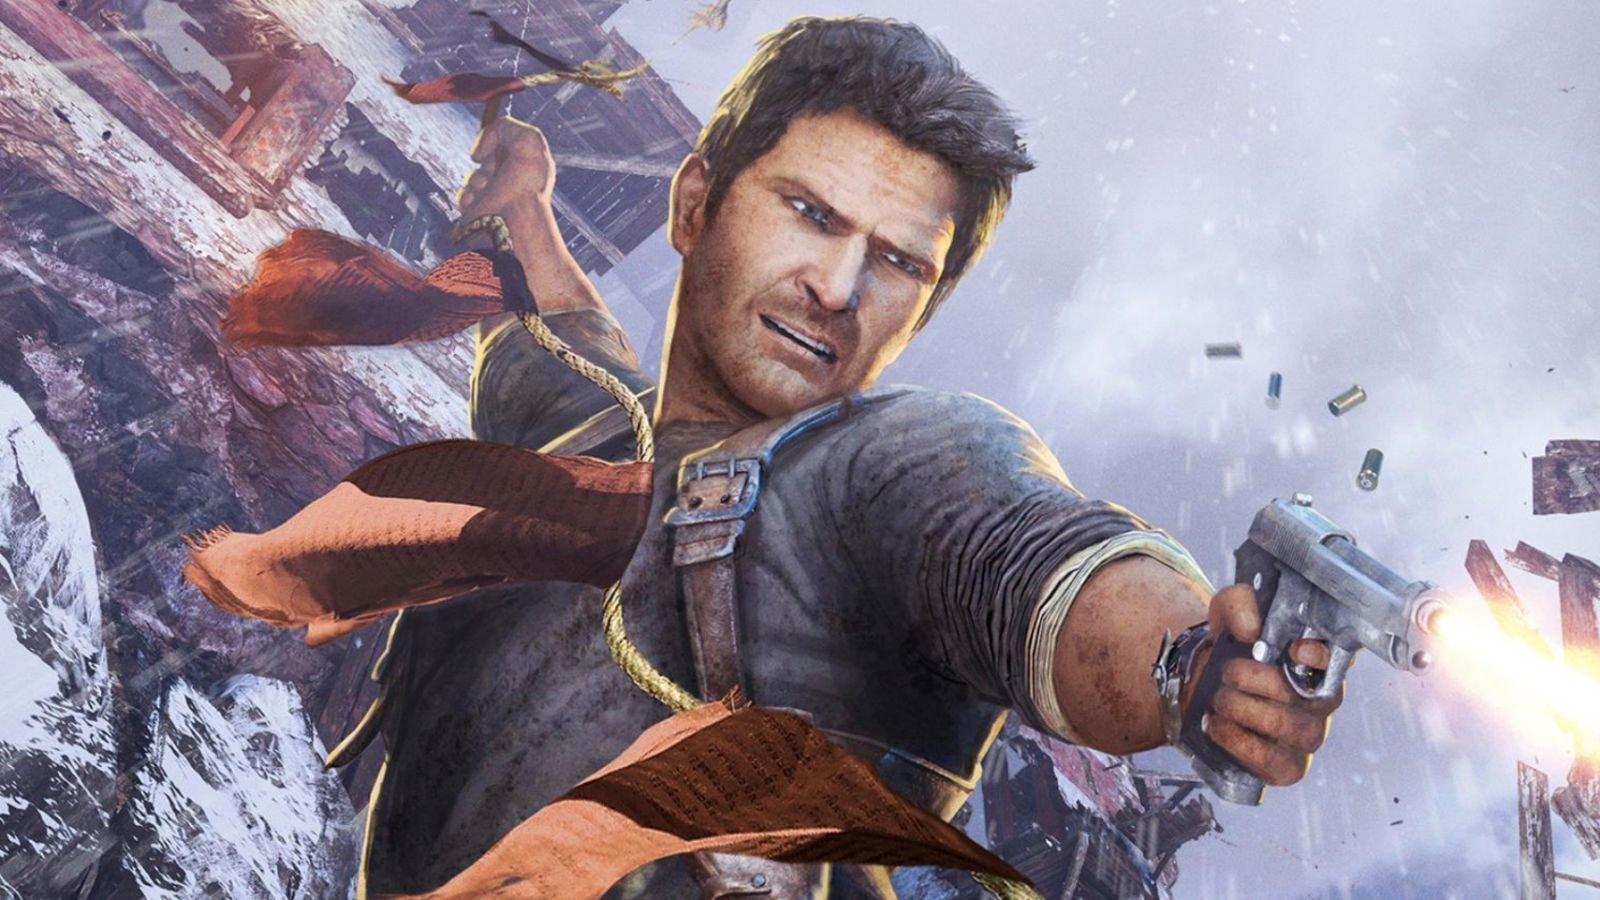 Dans mon backlog : Uncharted 1 et 2